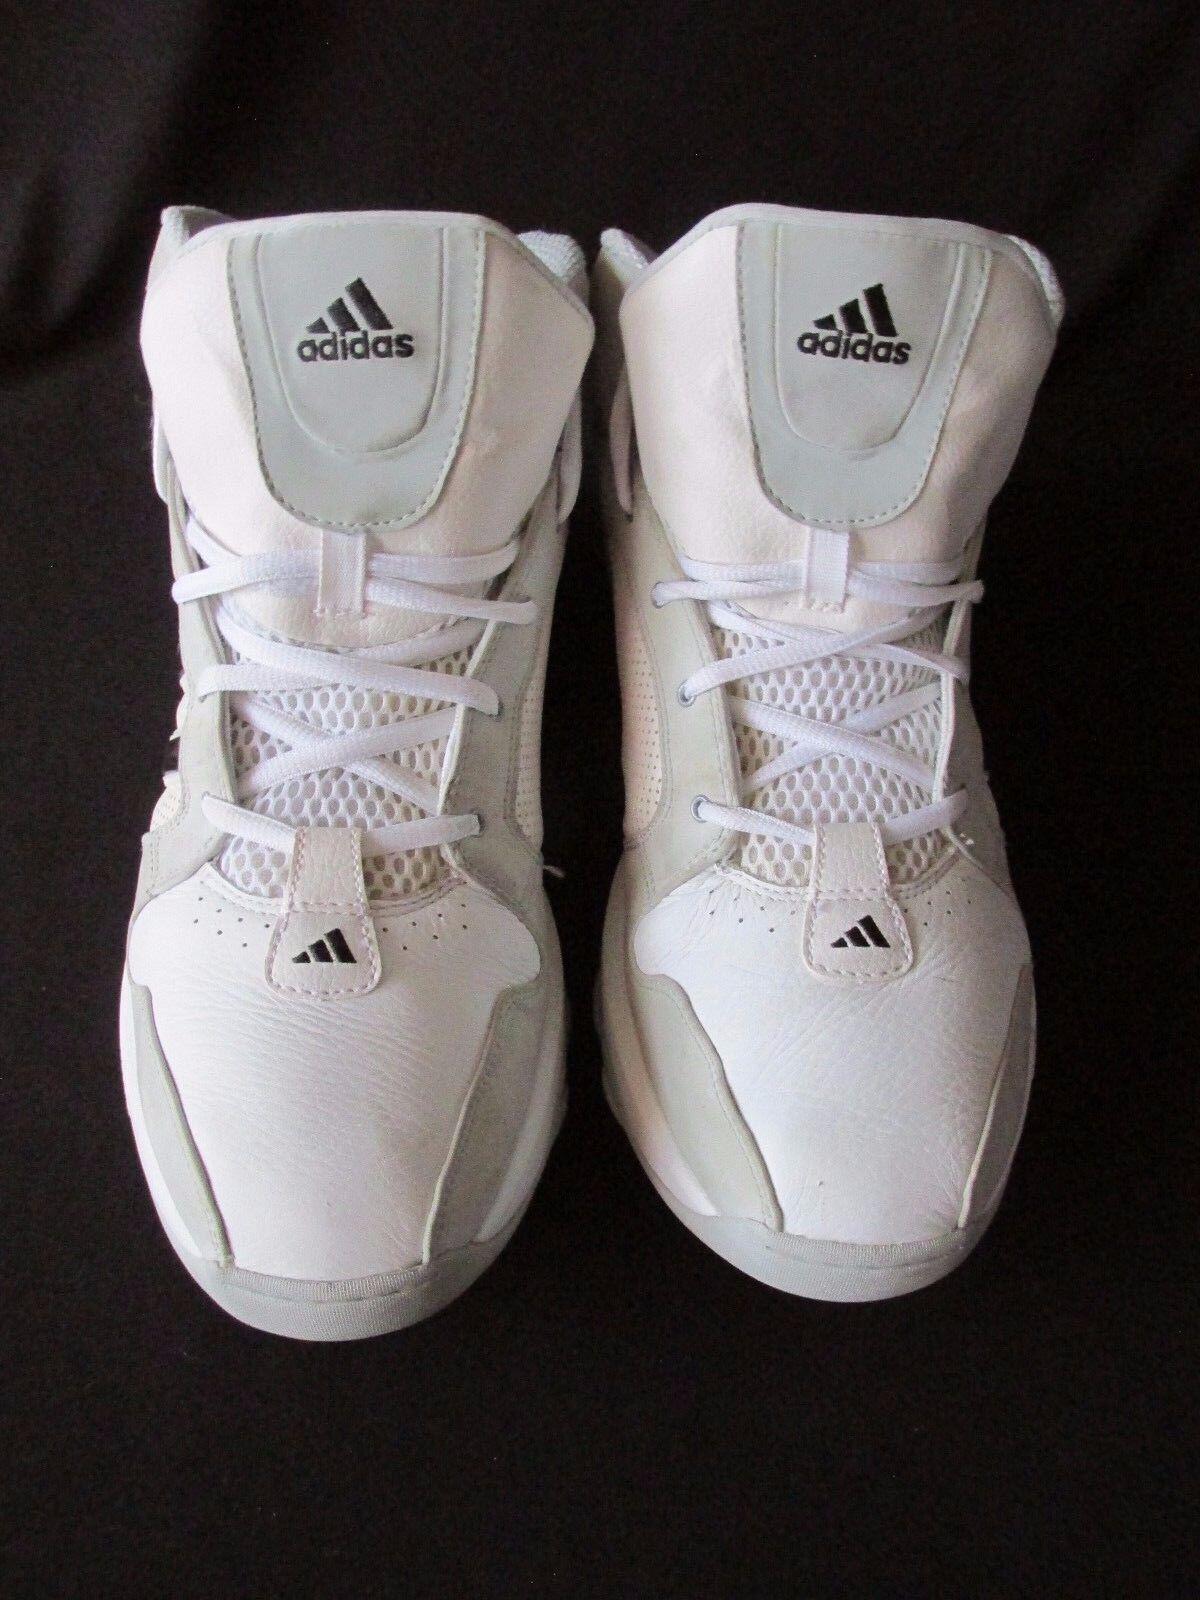 Adidas - jahrzehnt 06 alte schule weiße - graue leder - basketball - weiße schuhe für männer us13m 9e0850